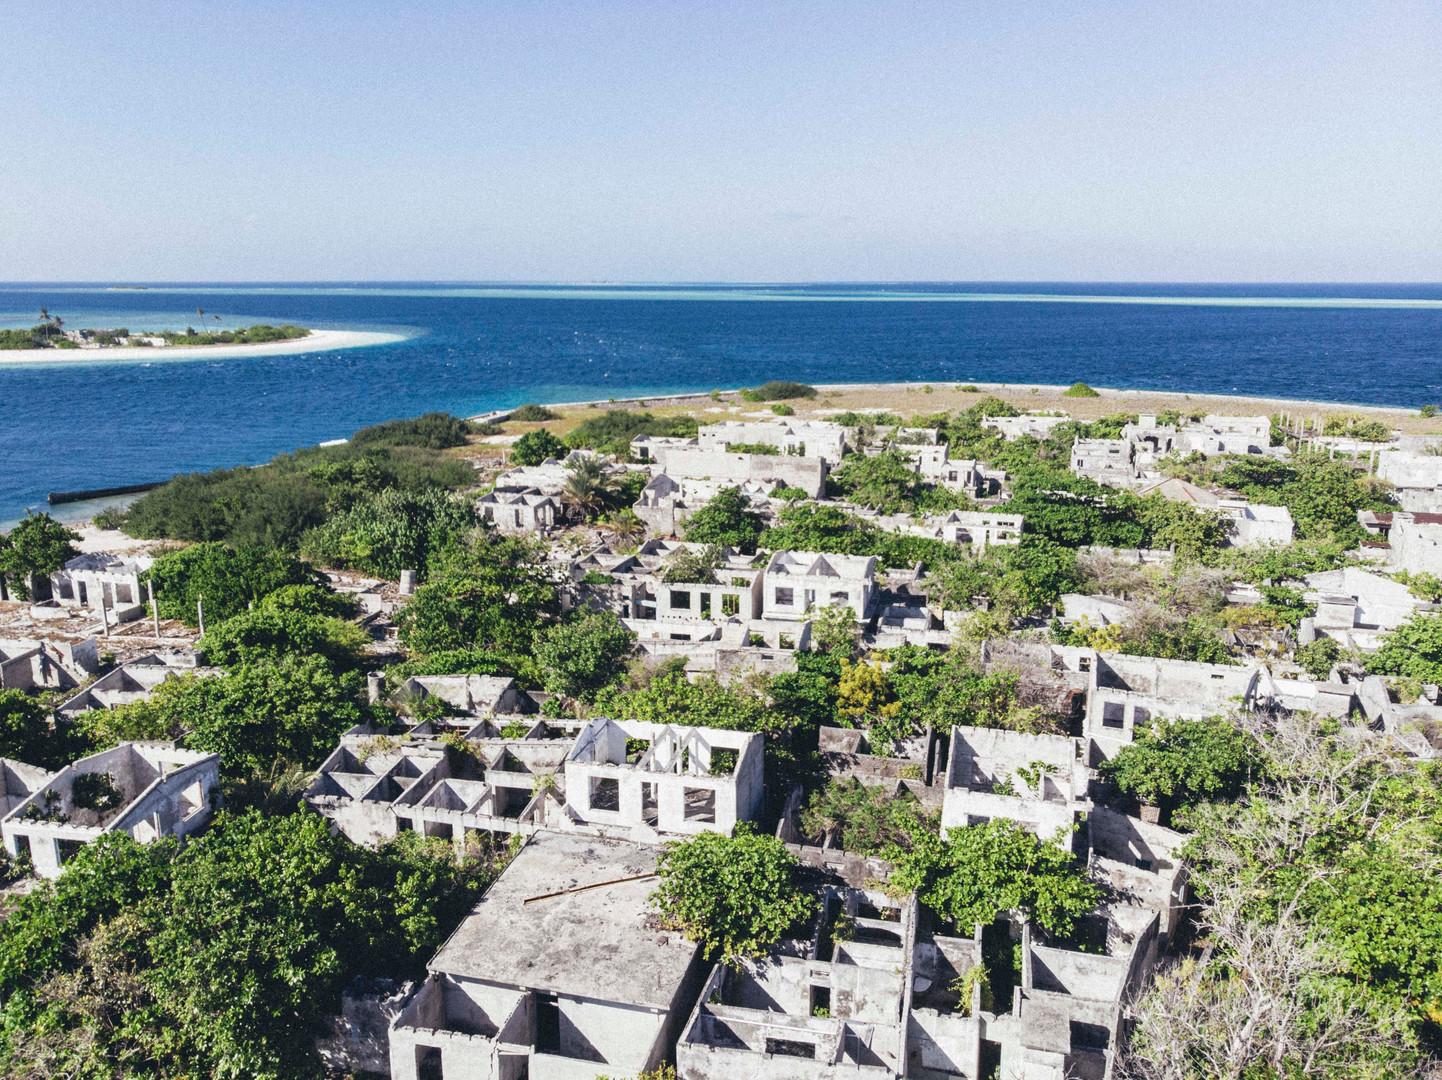 MALDIVES_EDIT_LEBAN0031.jpg